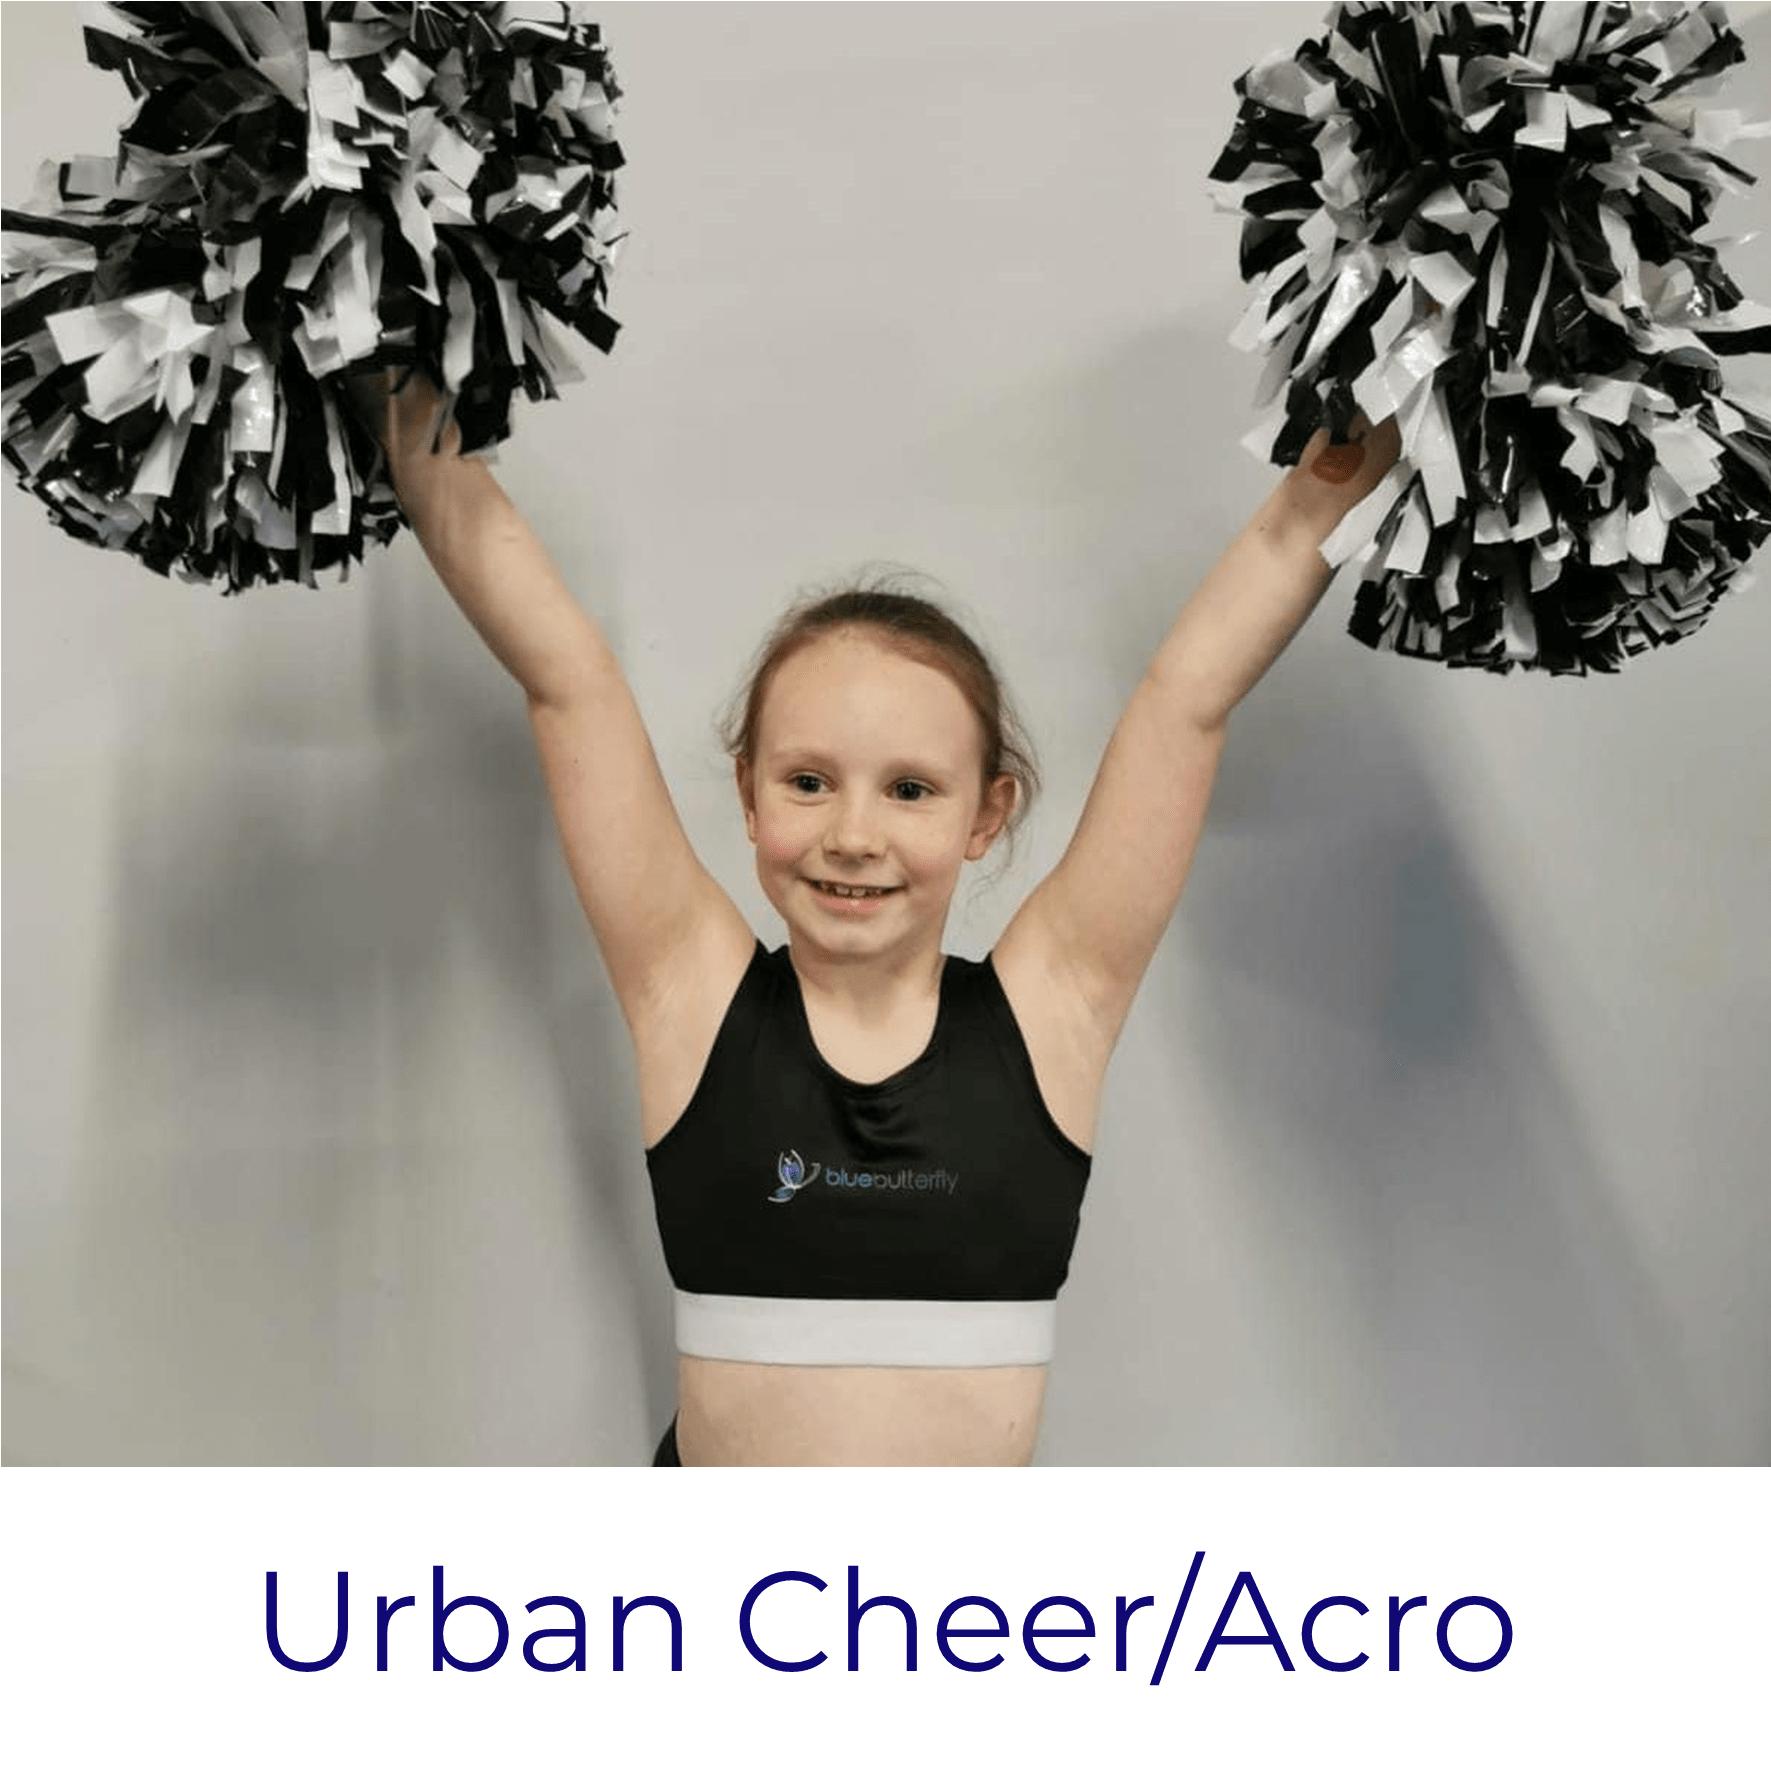 Cheer/Acro